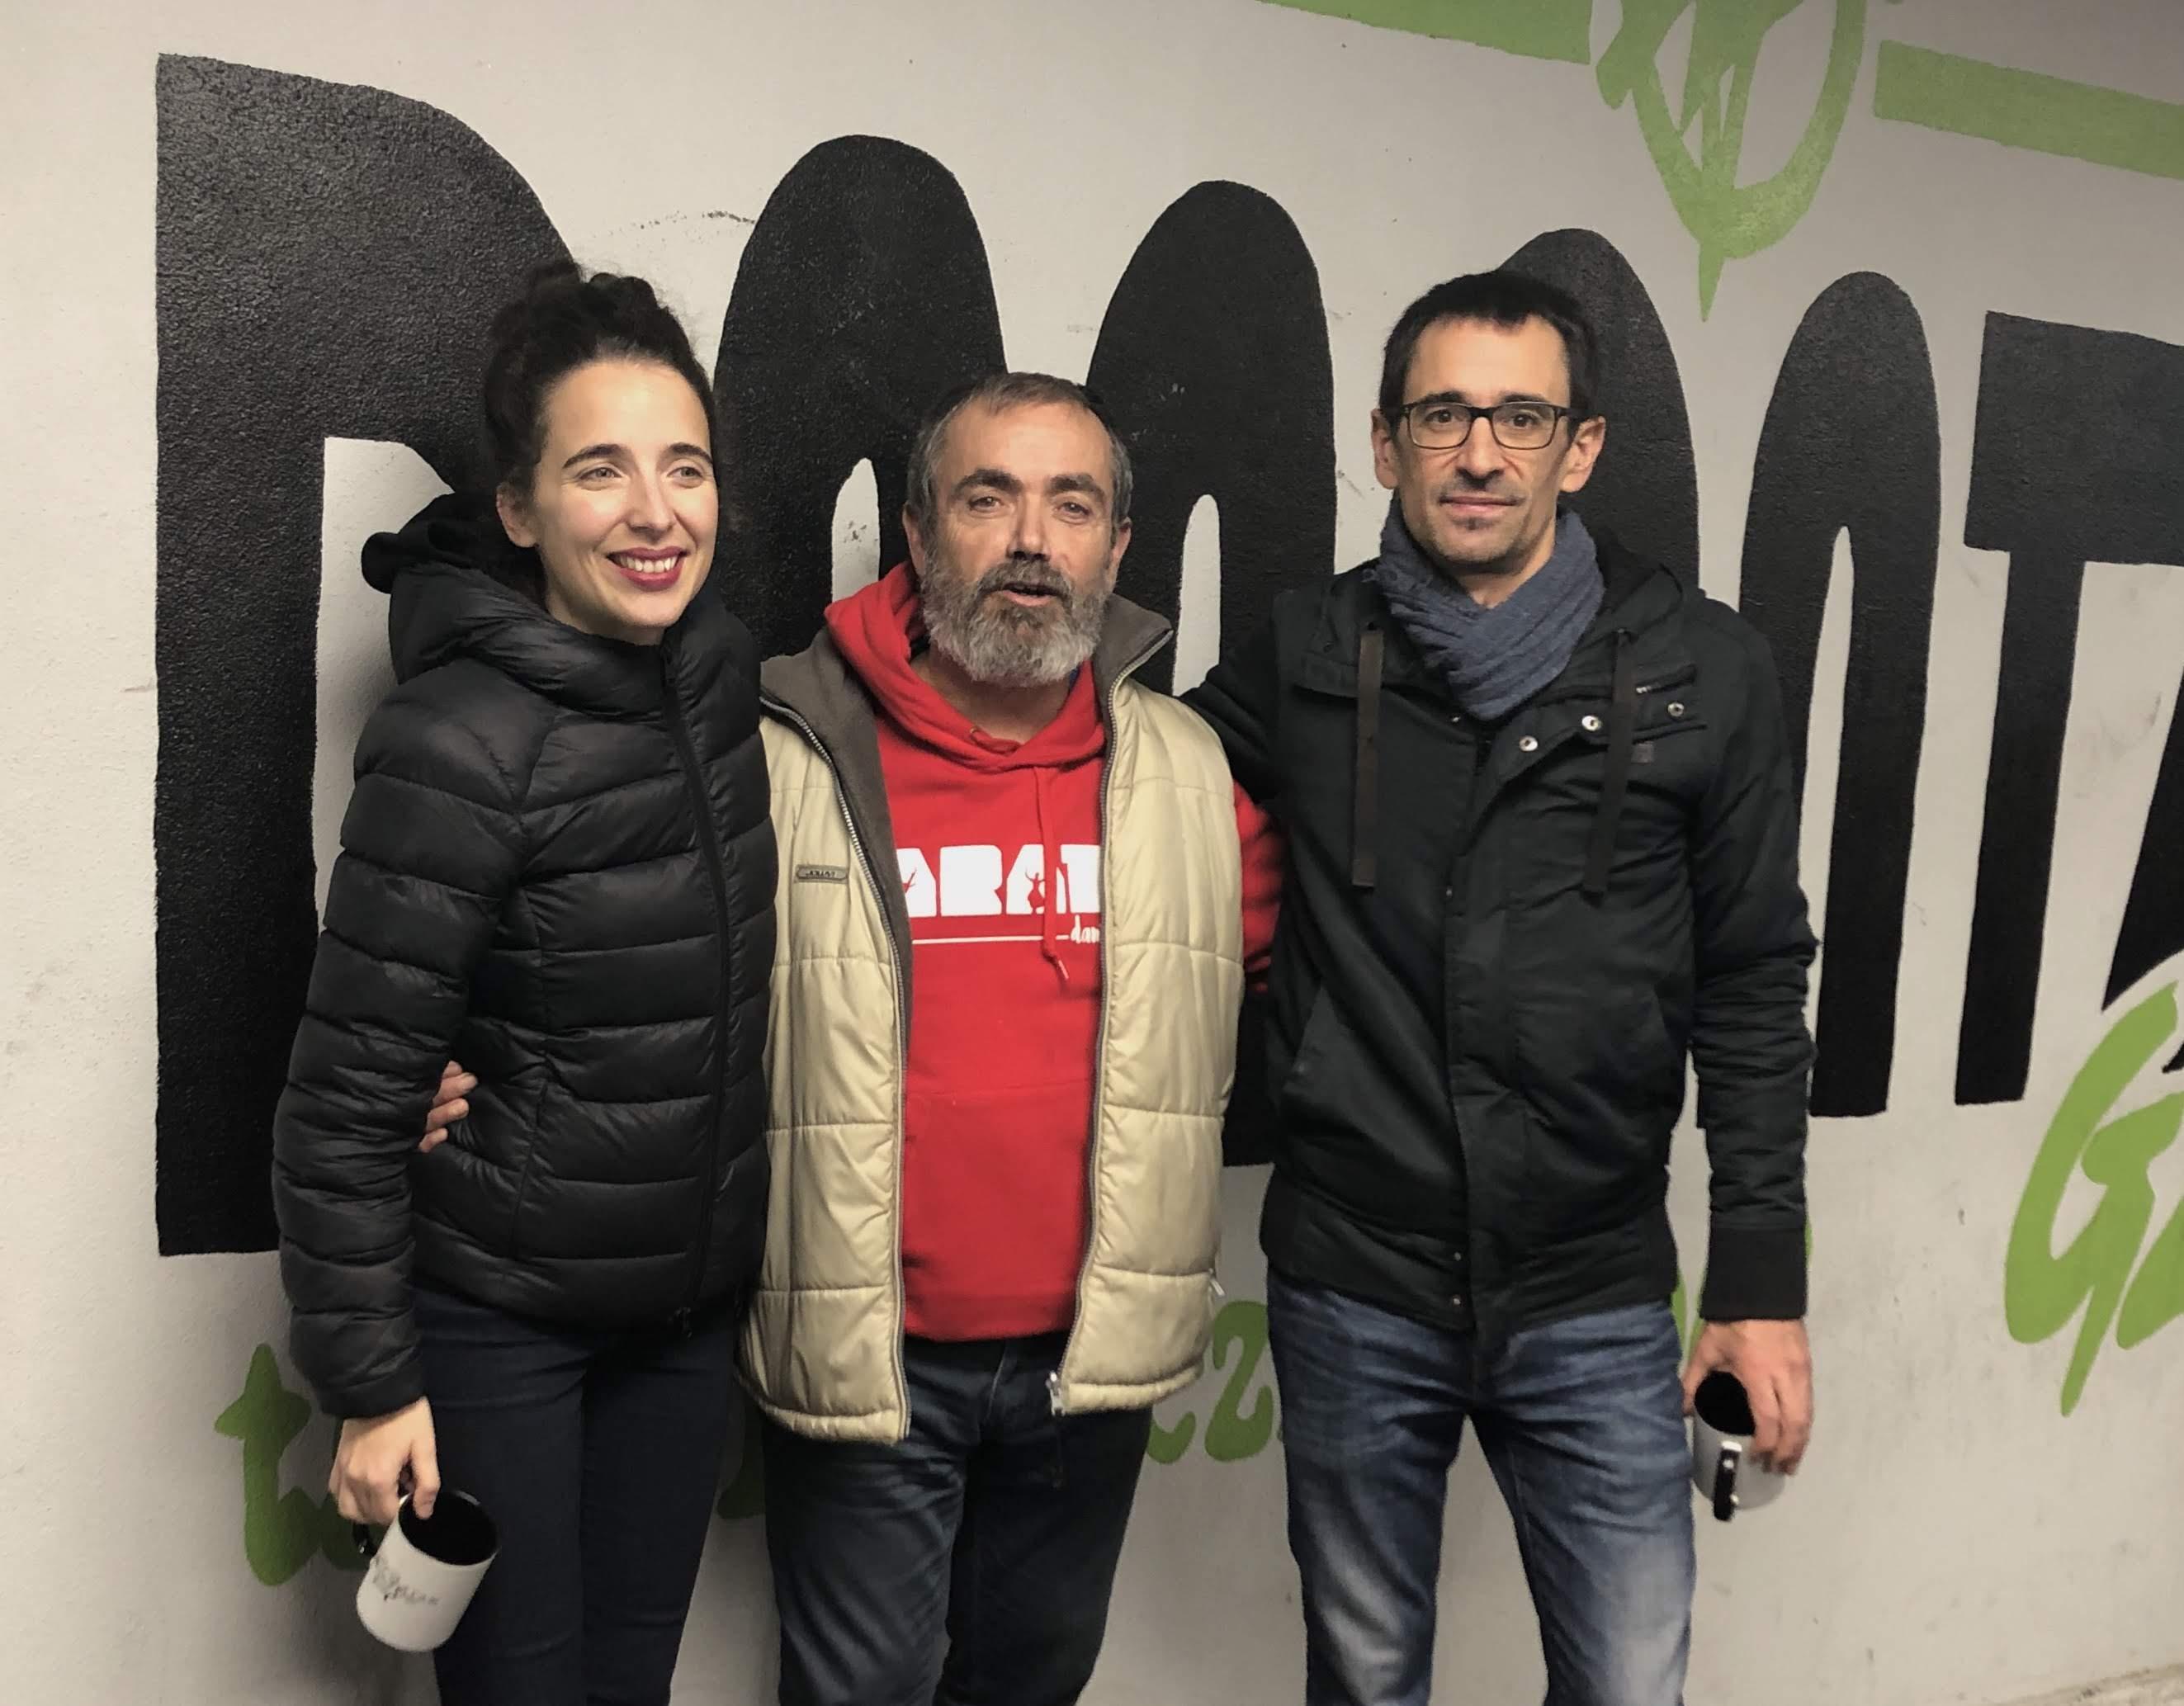 Miren-Amuriza-Igor-Elorza-Gabi de la Maza